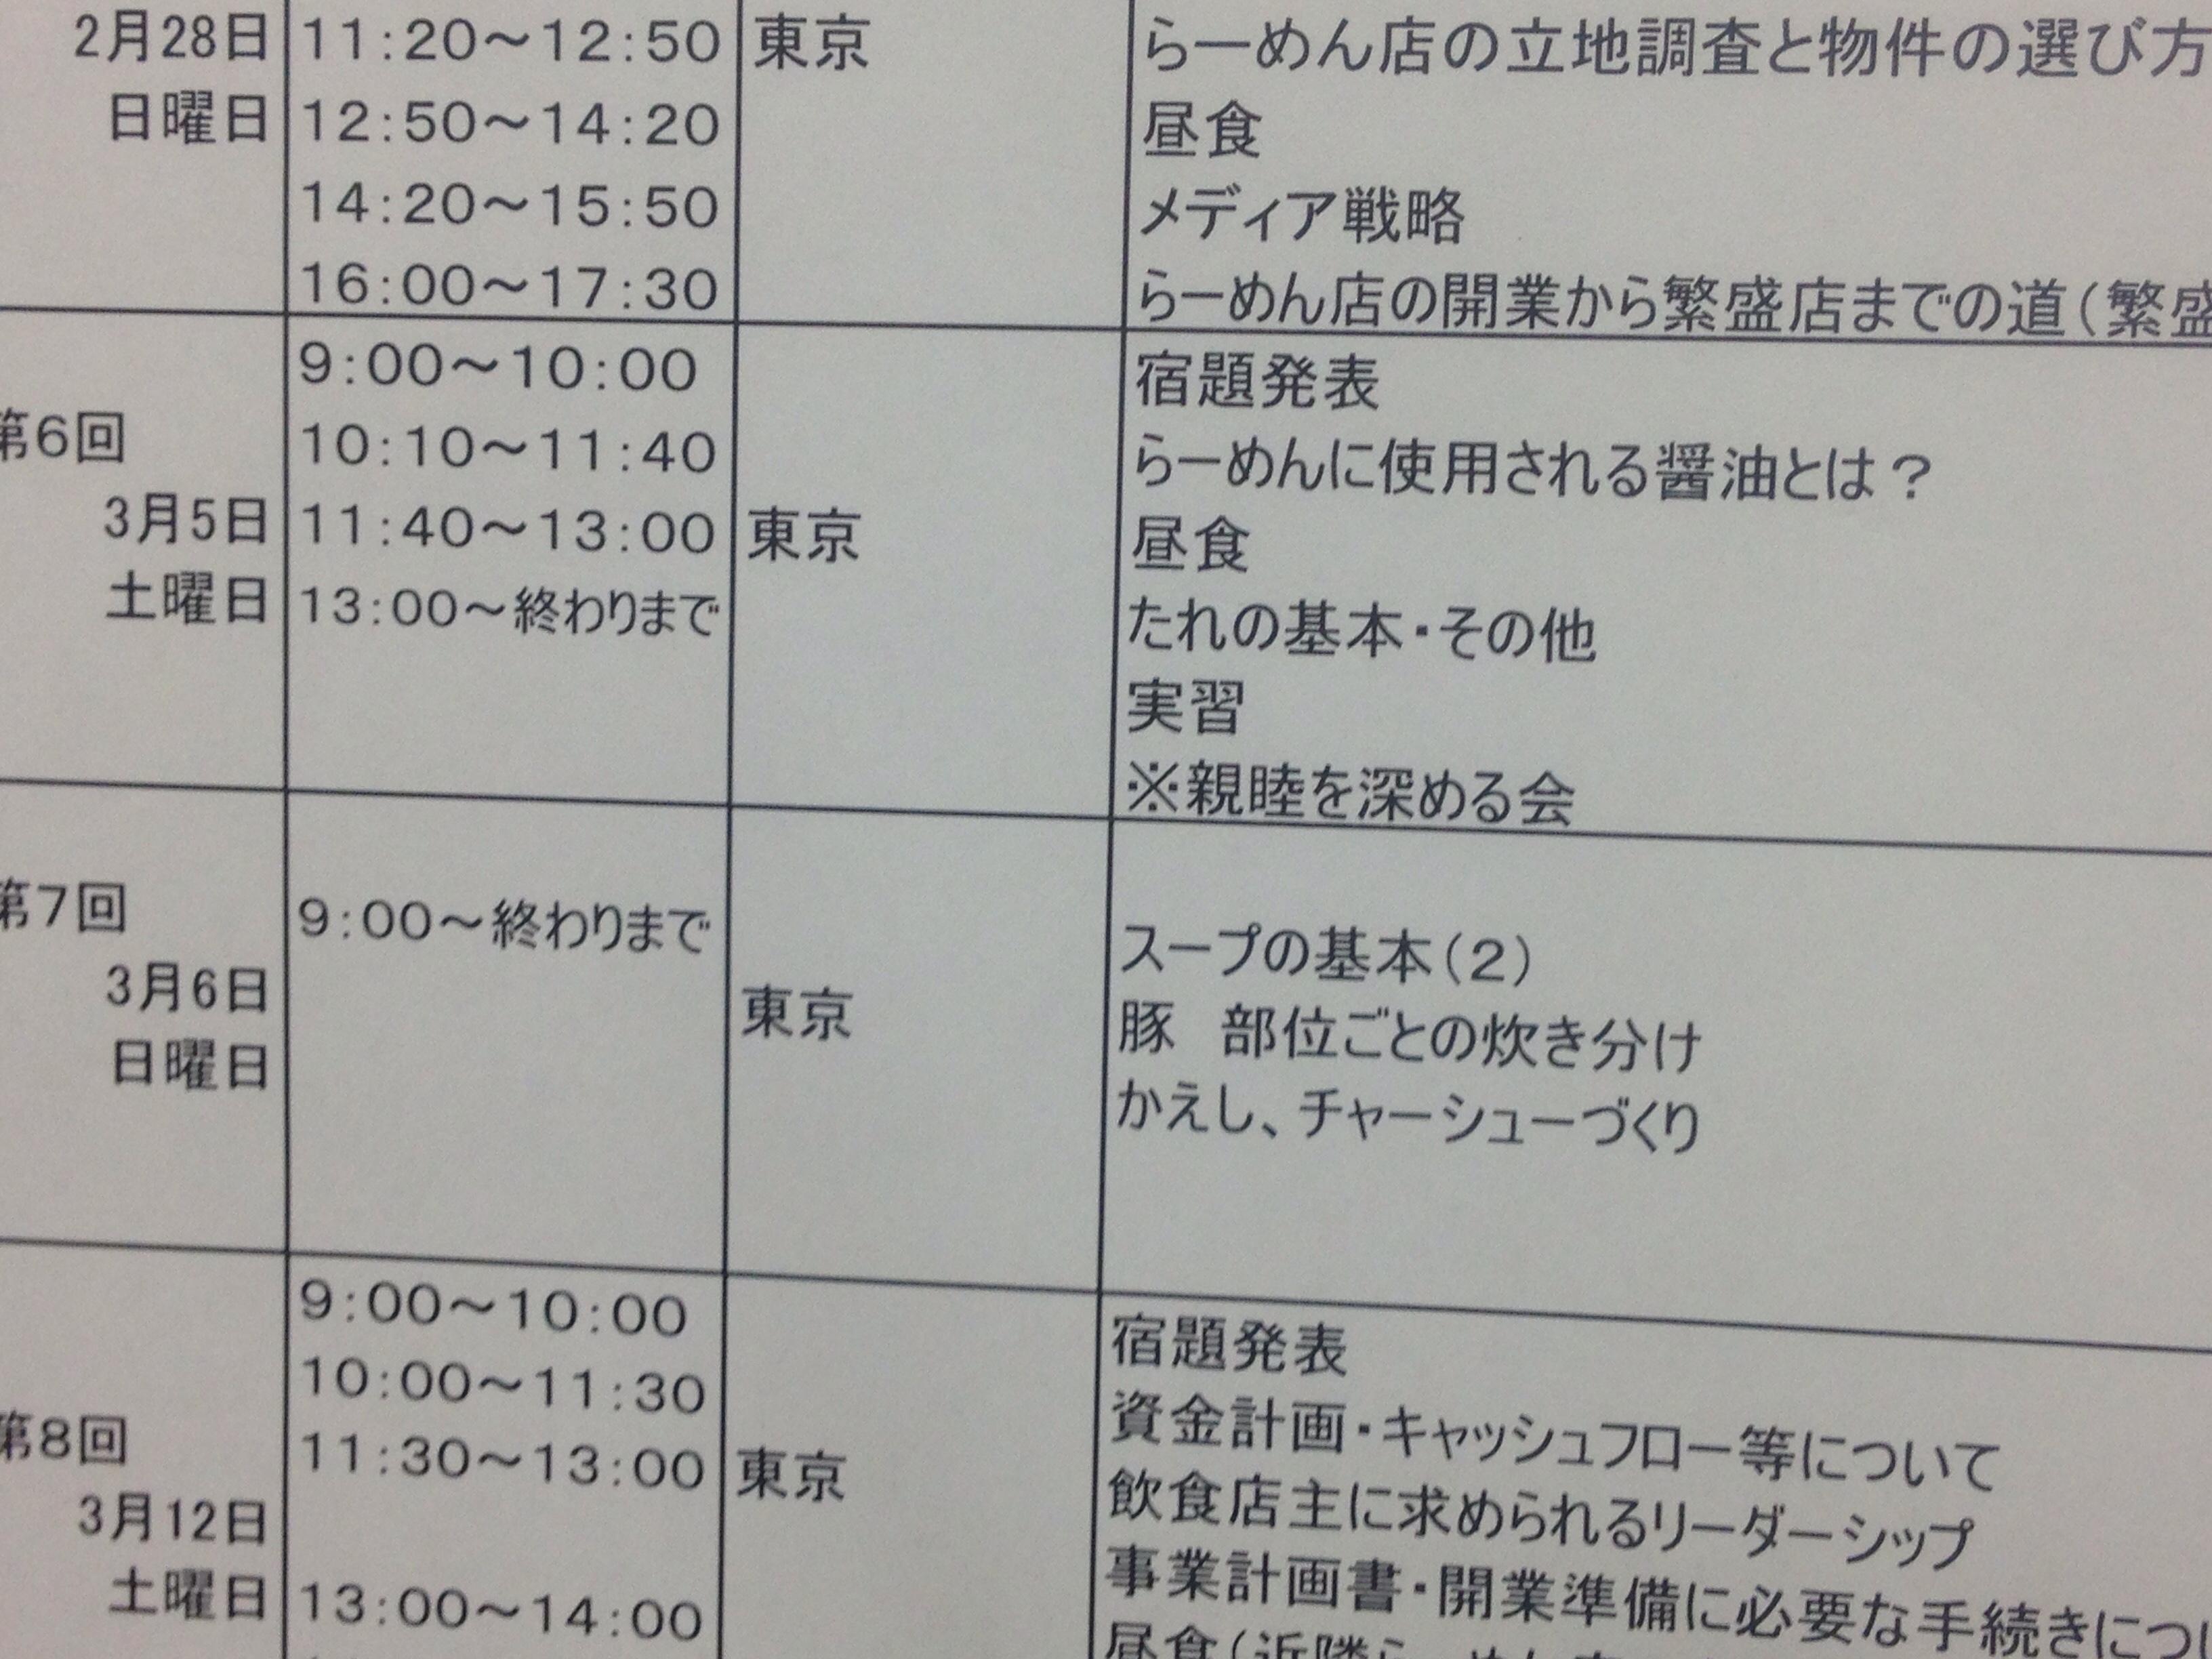 東京都中野区新井2大成食品株式会社主催 鳥居式らーめん塾22期スケジュール